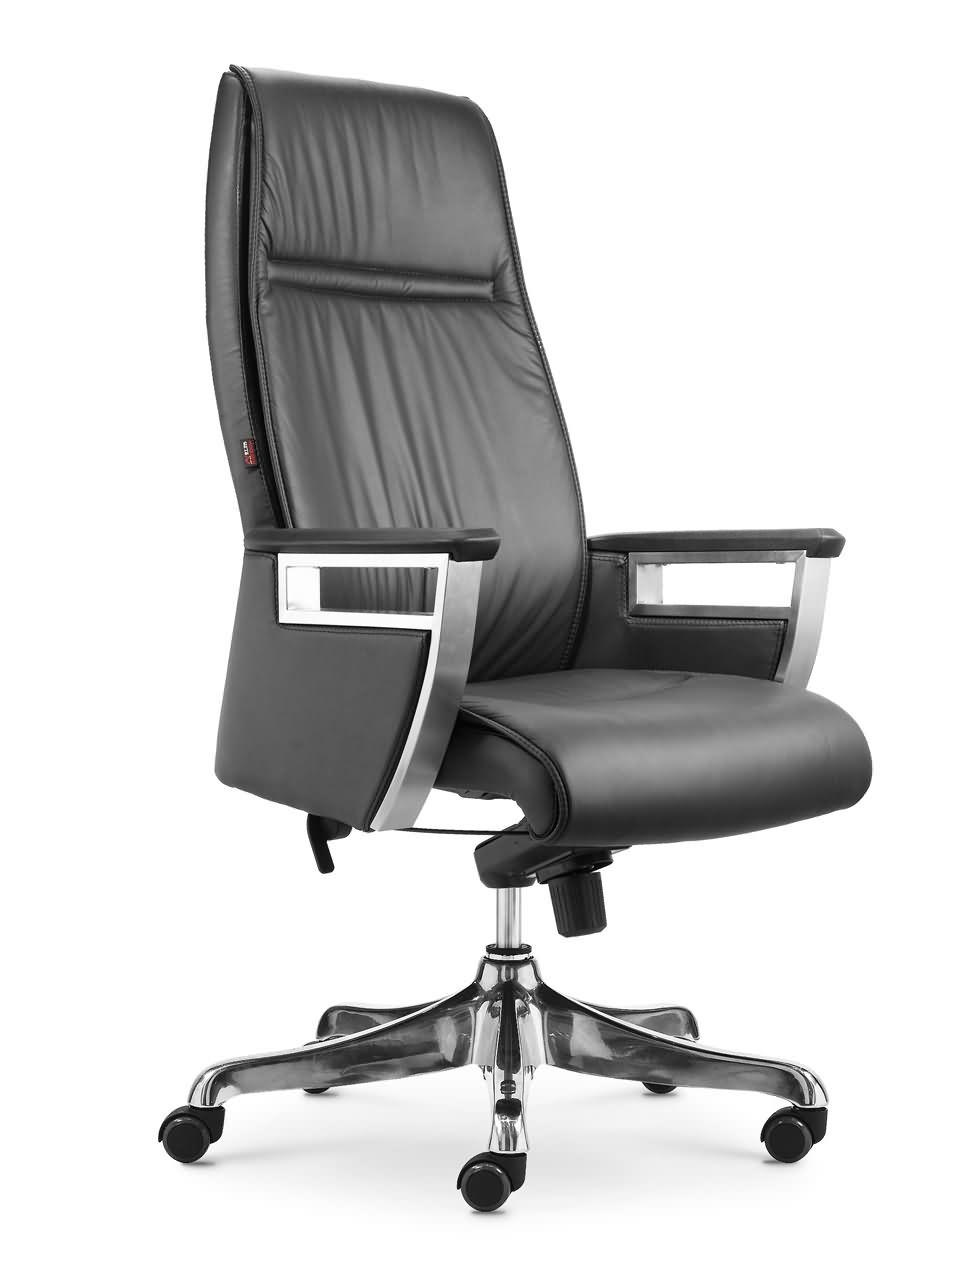 Ghế giám đốc cao cấp TG 5008r